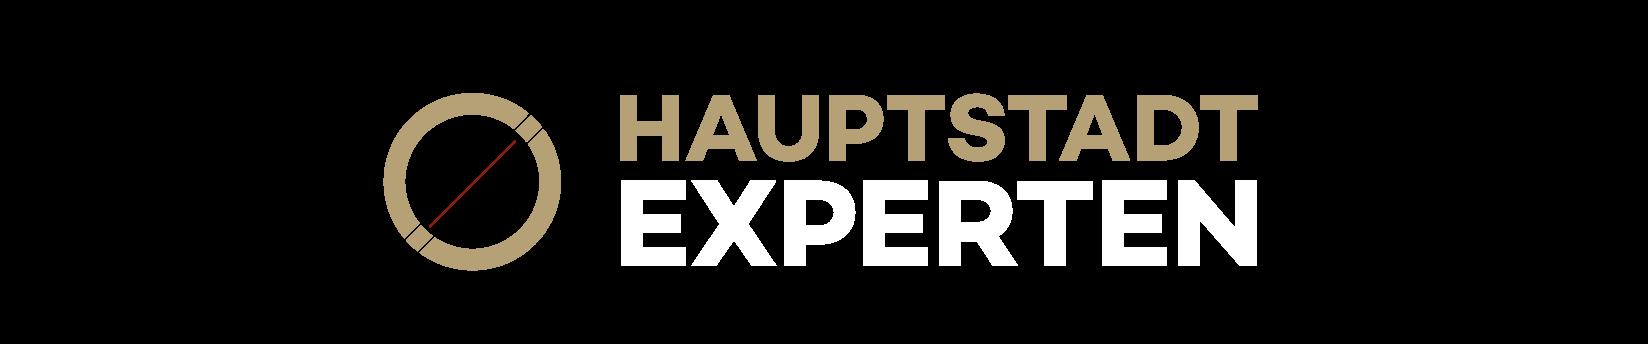 Hauptstadtexperten